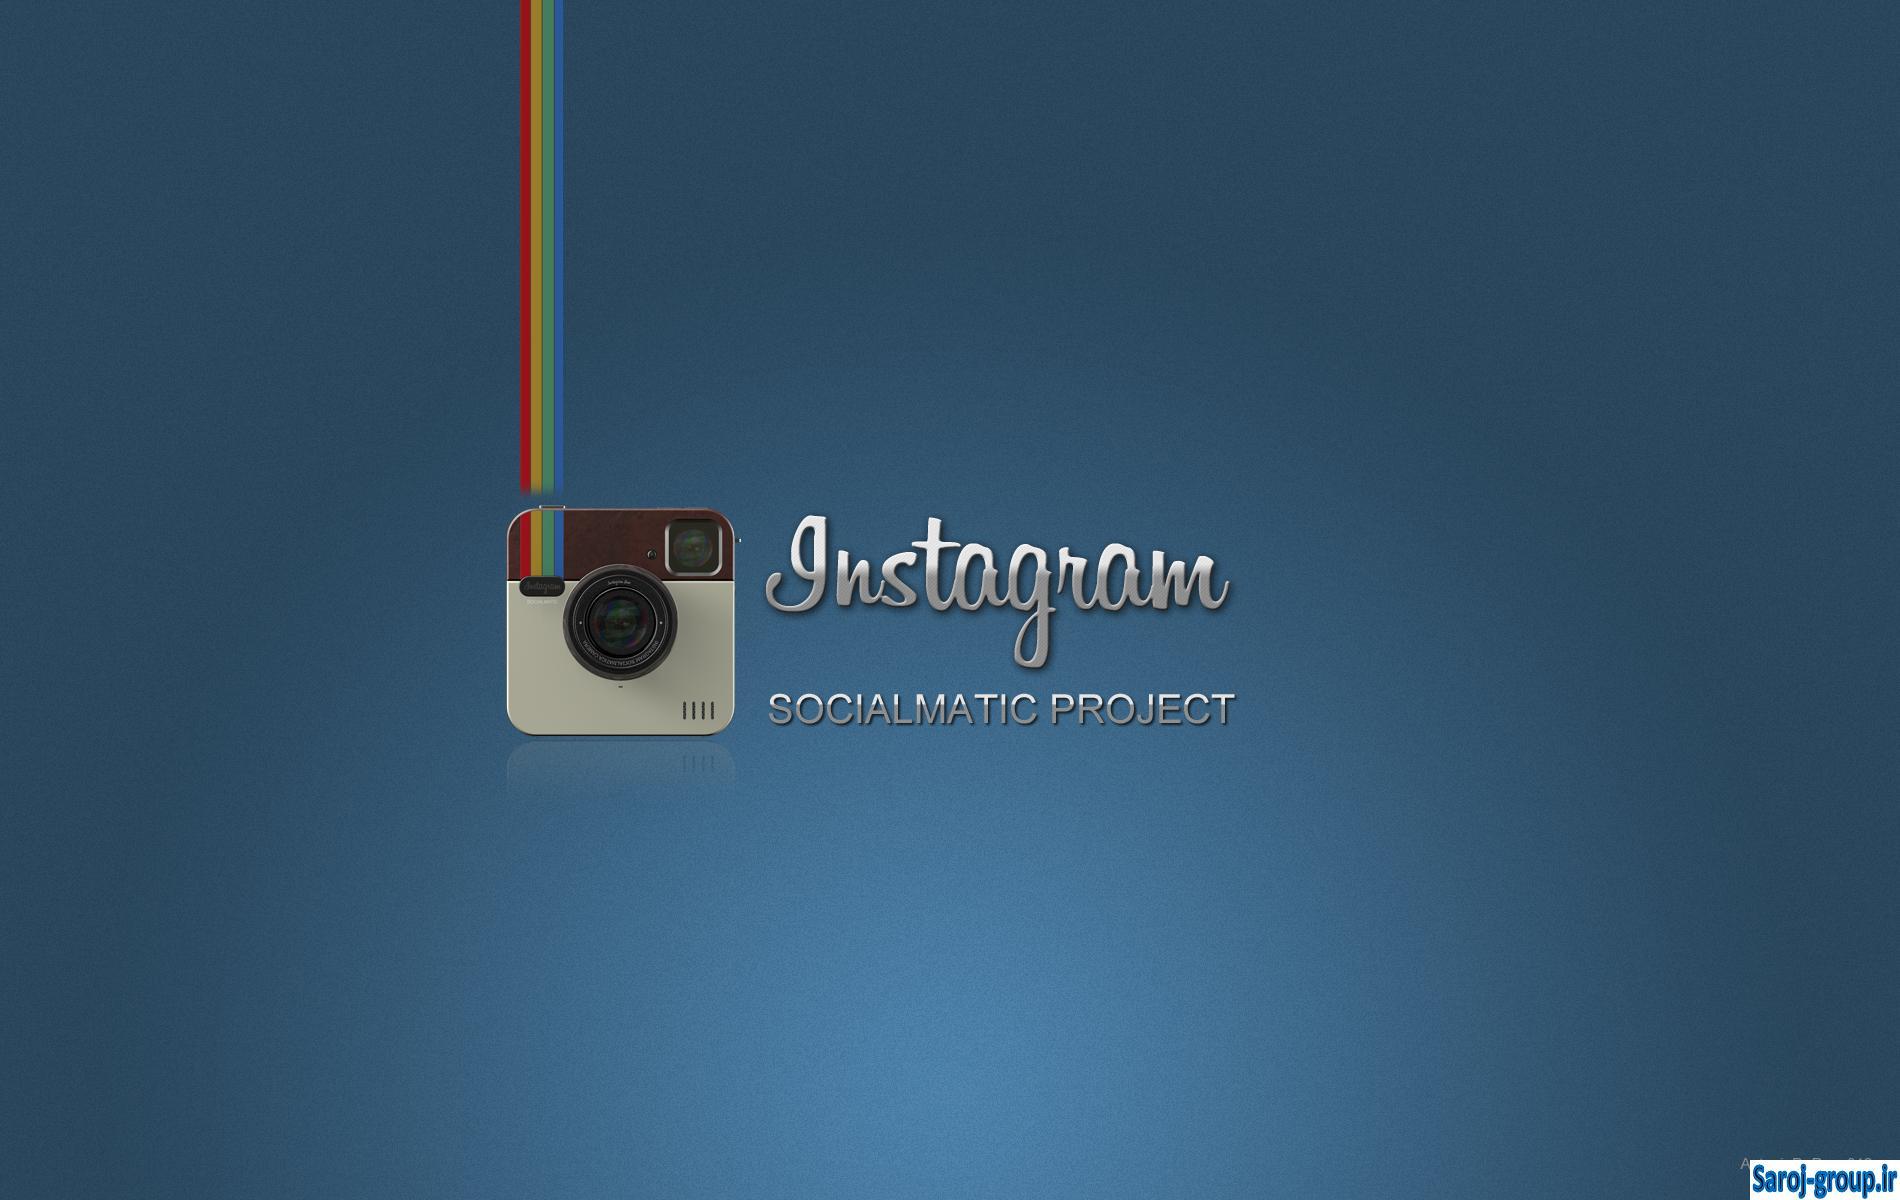 دانلود Instagram 6.20.0 جدیدترین نسخه اینستاگرام اندروید+ نسخه مود شده OGInsta